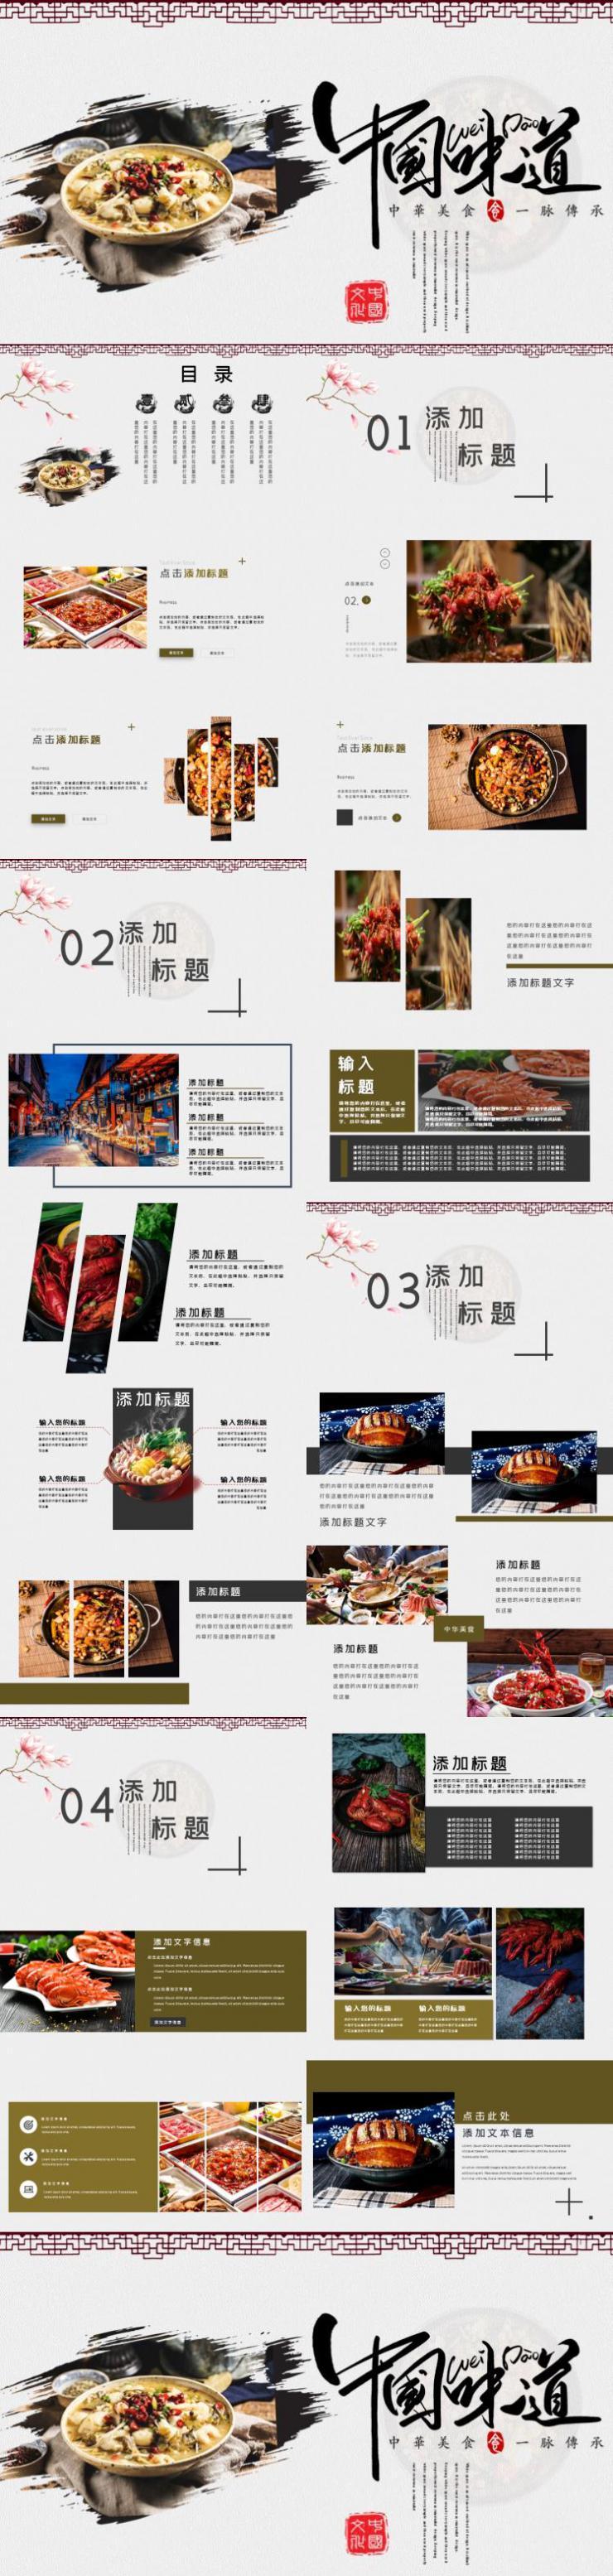 中国味道PPT模板下载